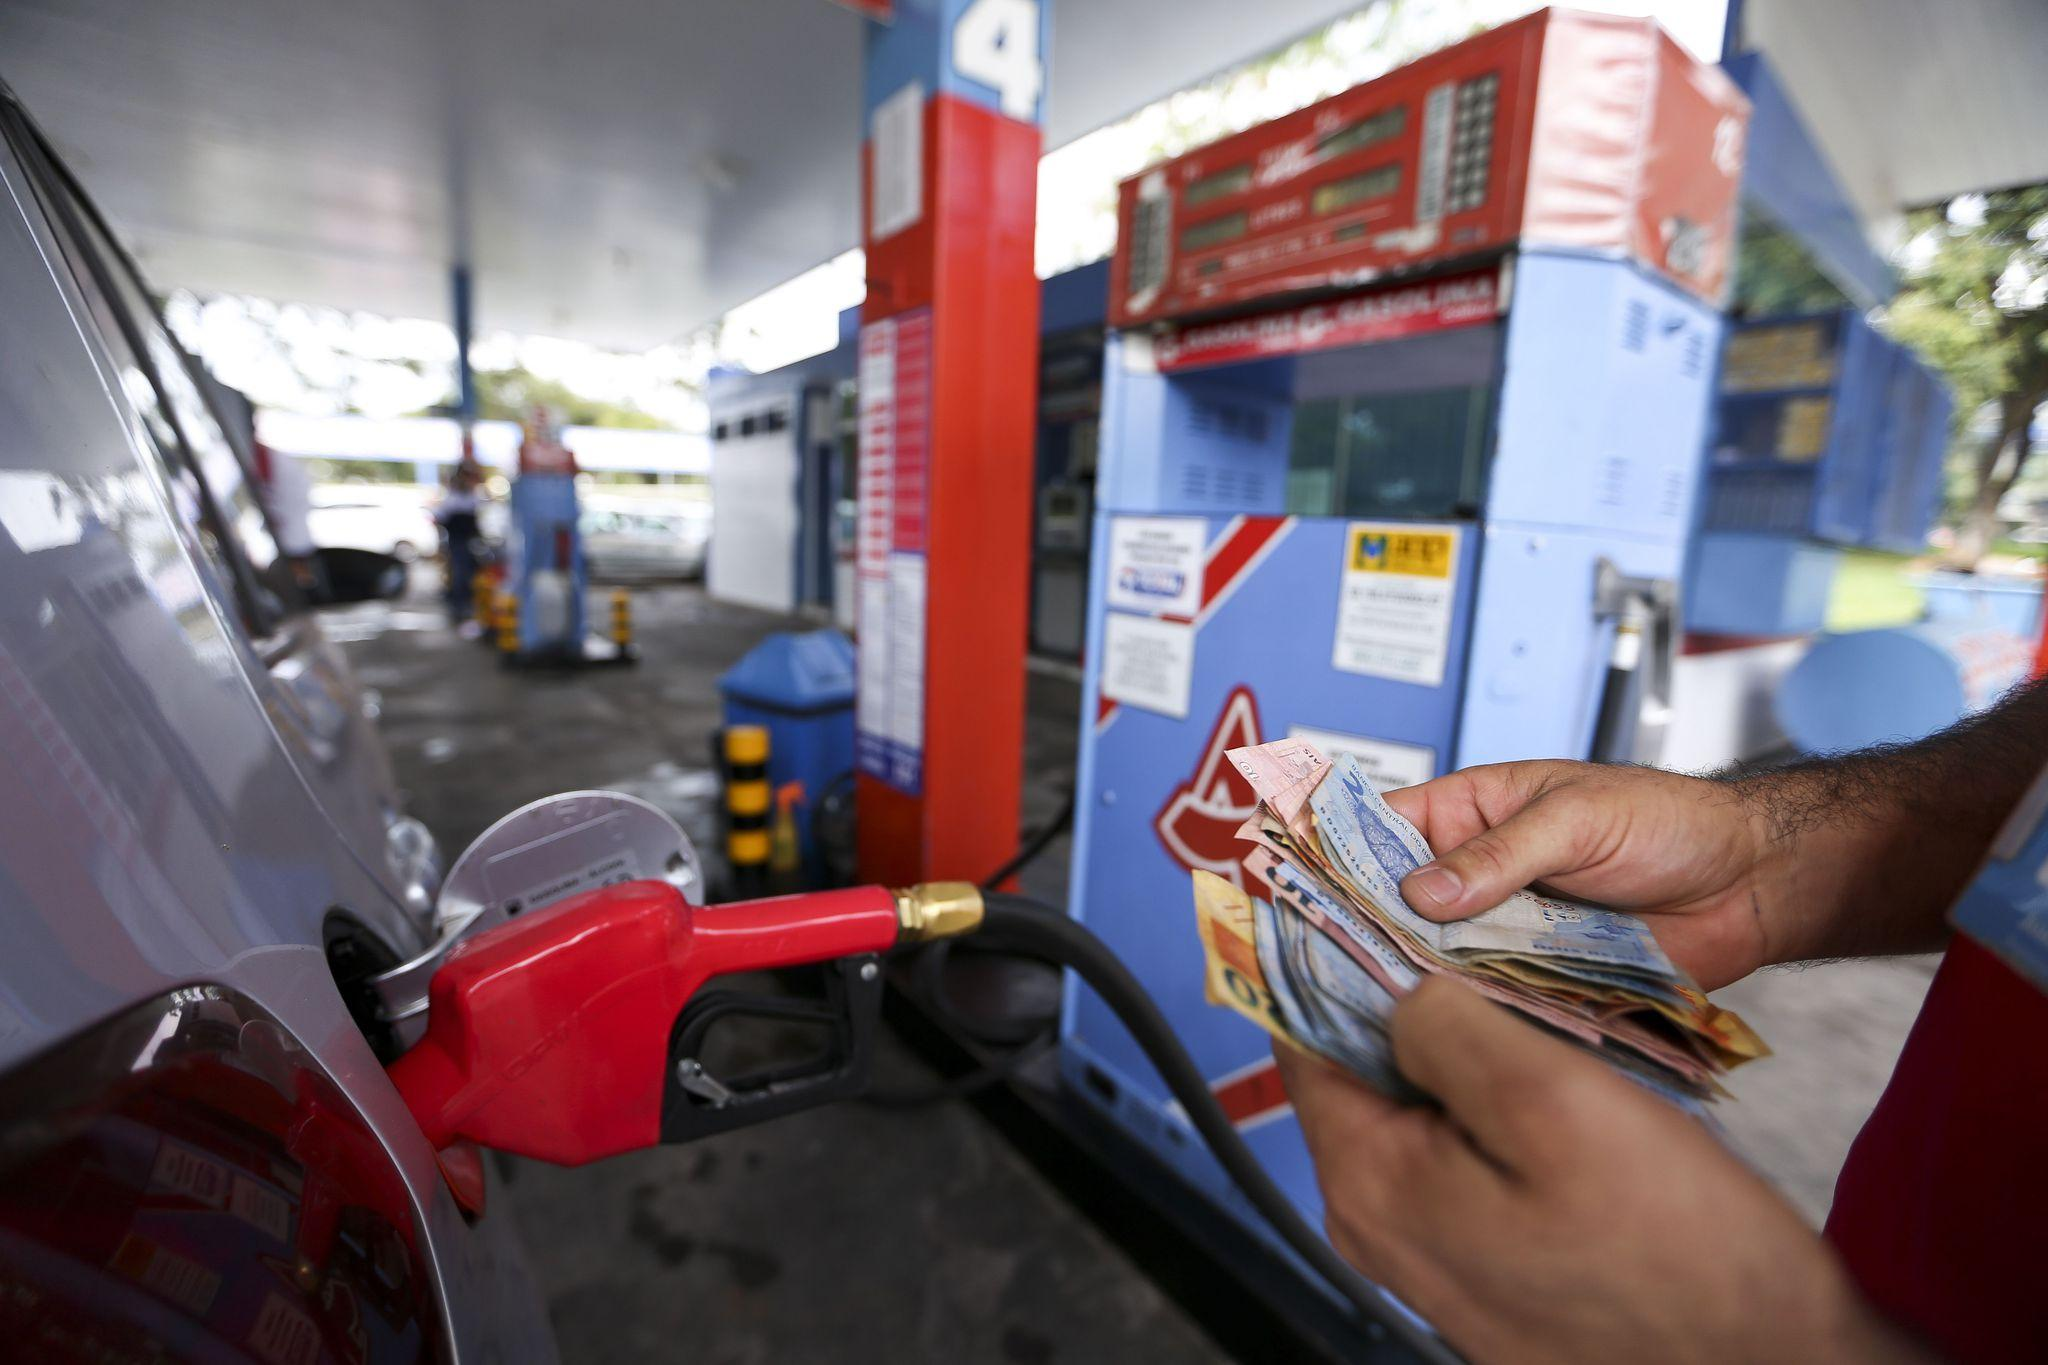 Preço dos combustíveis em Goiânia é alvo de projeto do MP   Foto: Marcelo Camargo / Agência Brasil